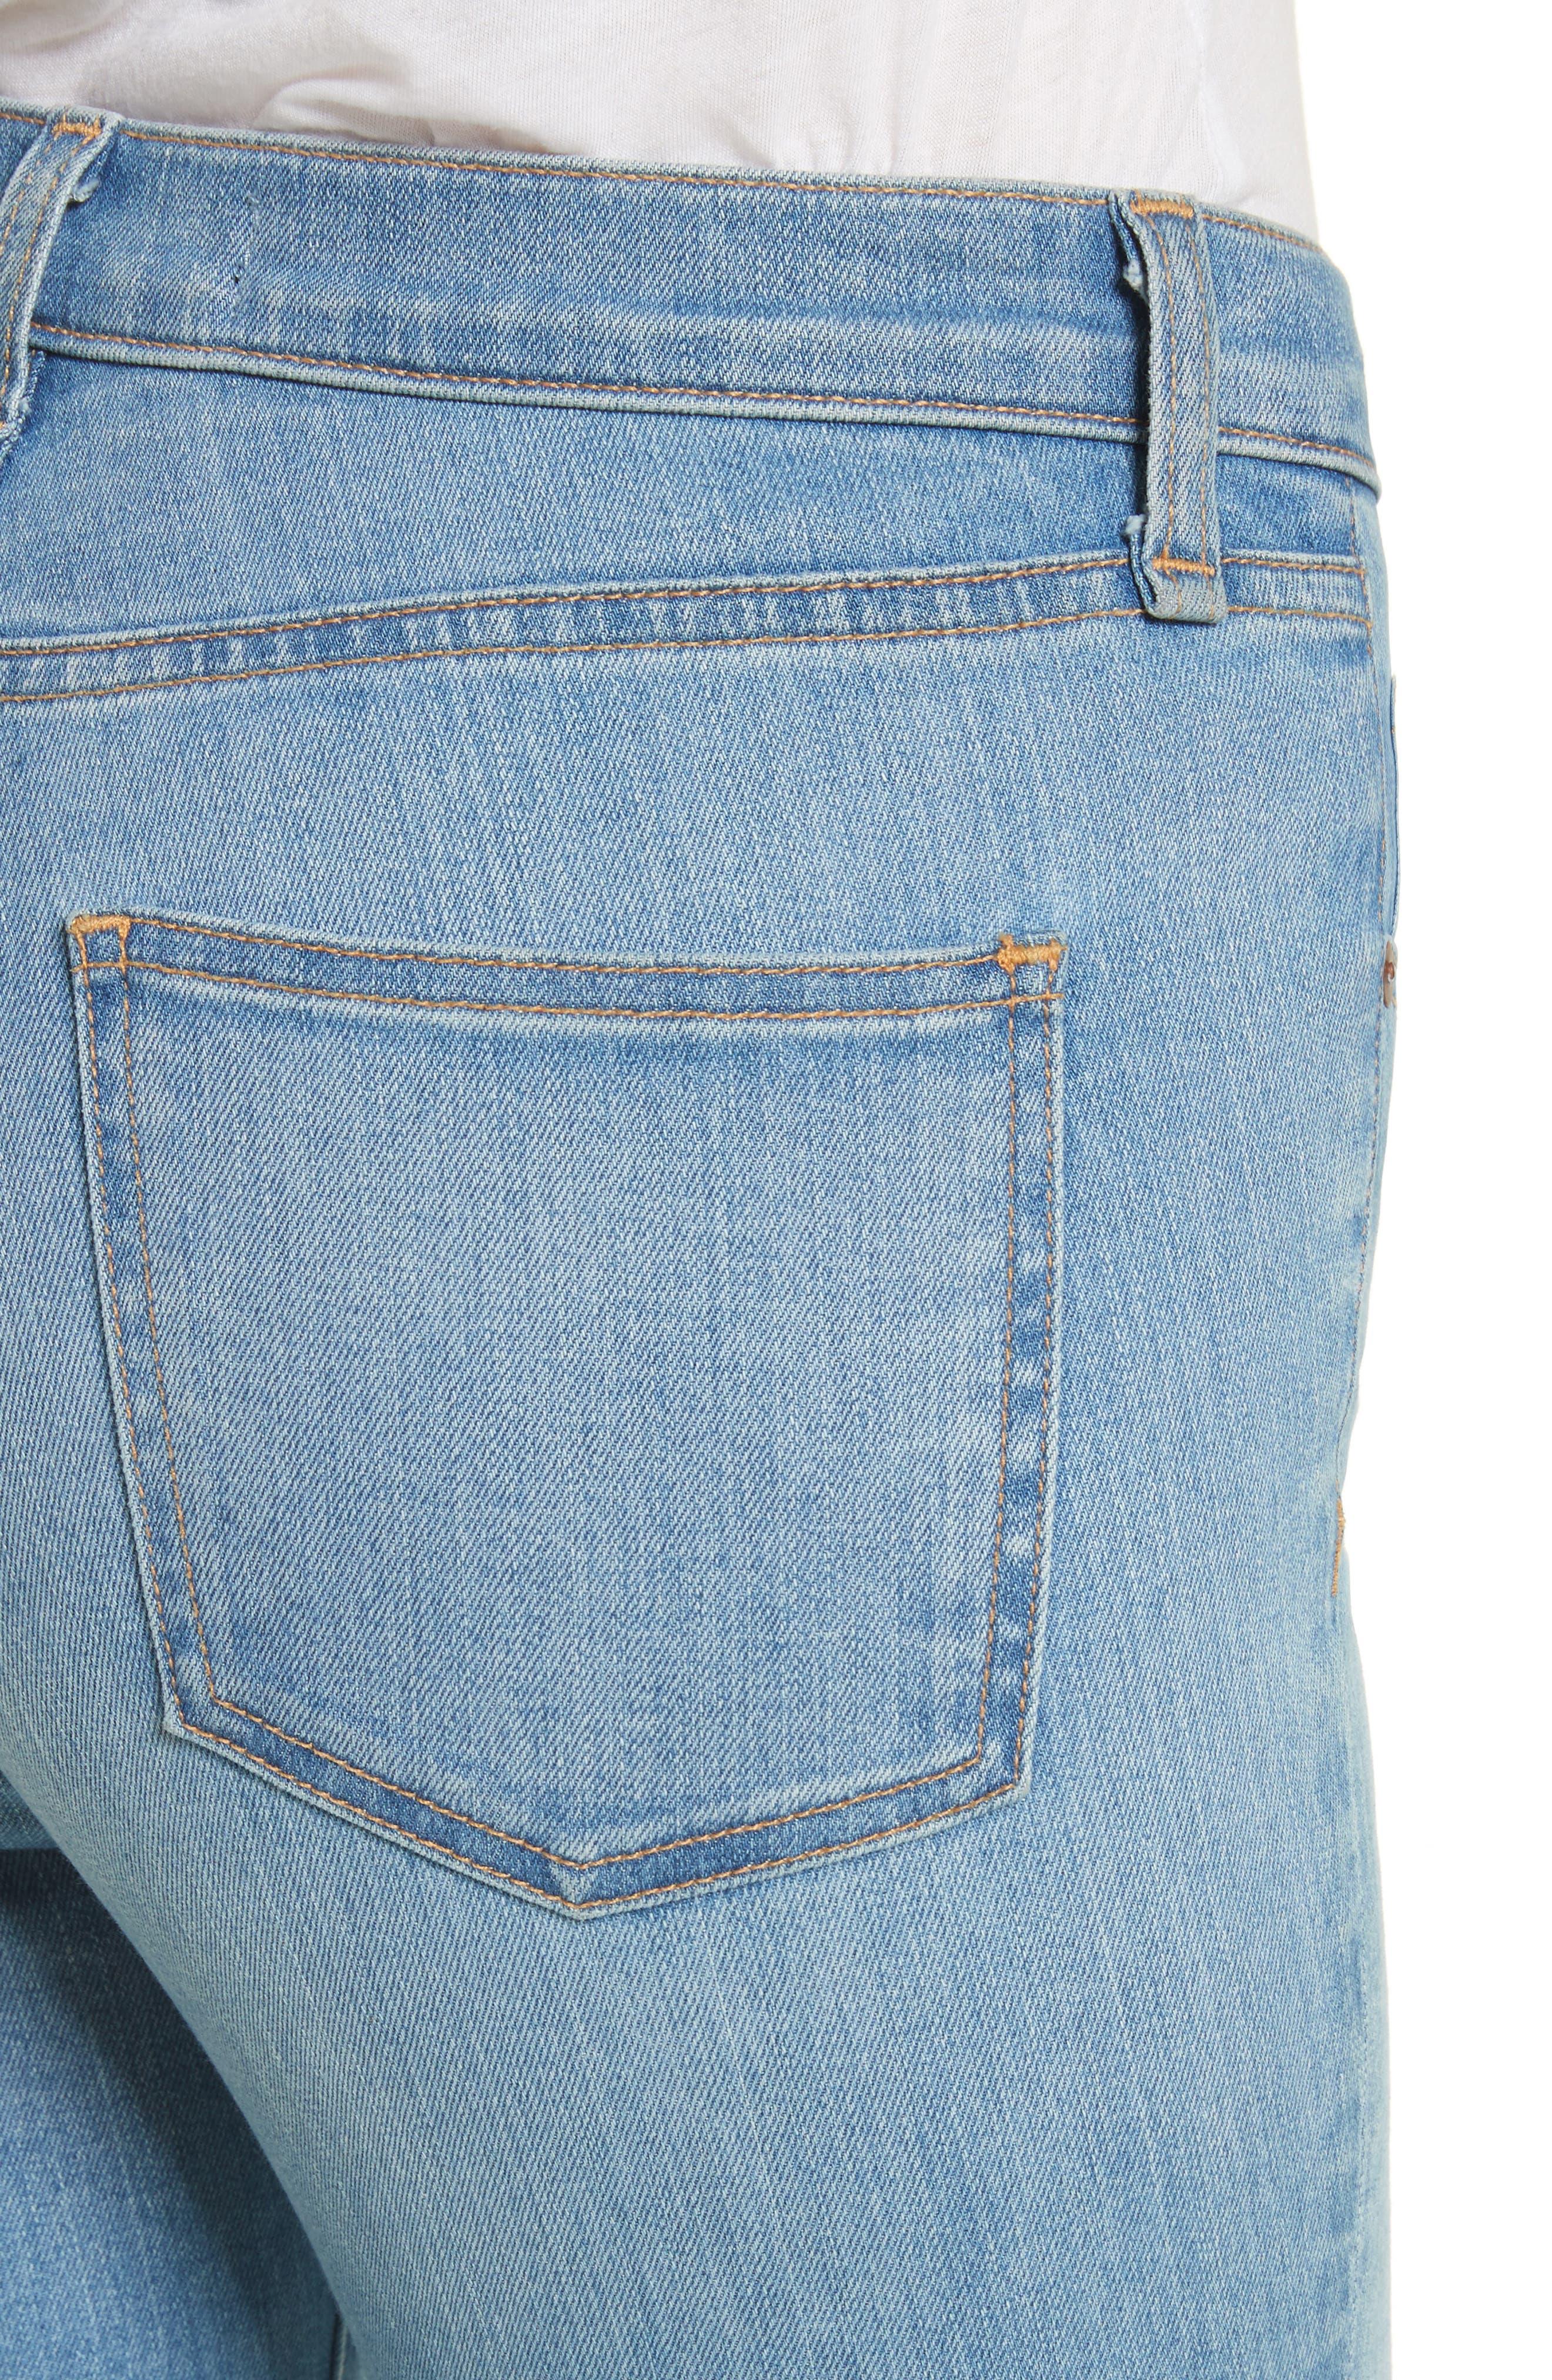 Debbie Frayed Crop Skinny Jeans,                             Alternate thumbnail 4, color,                             Ocean Blue